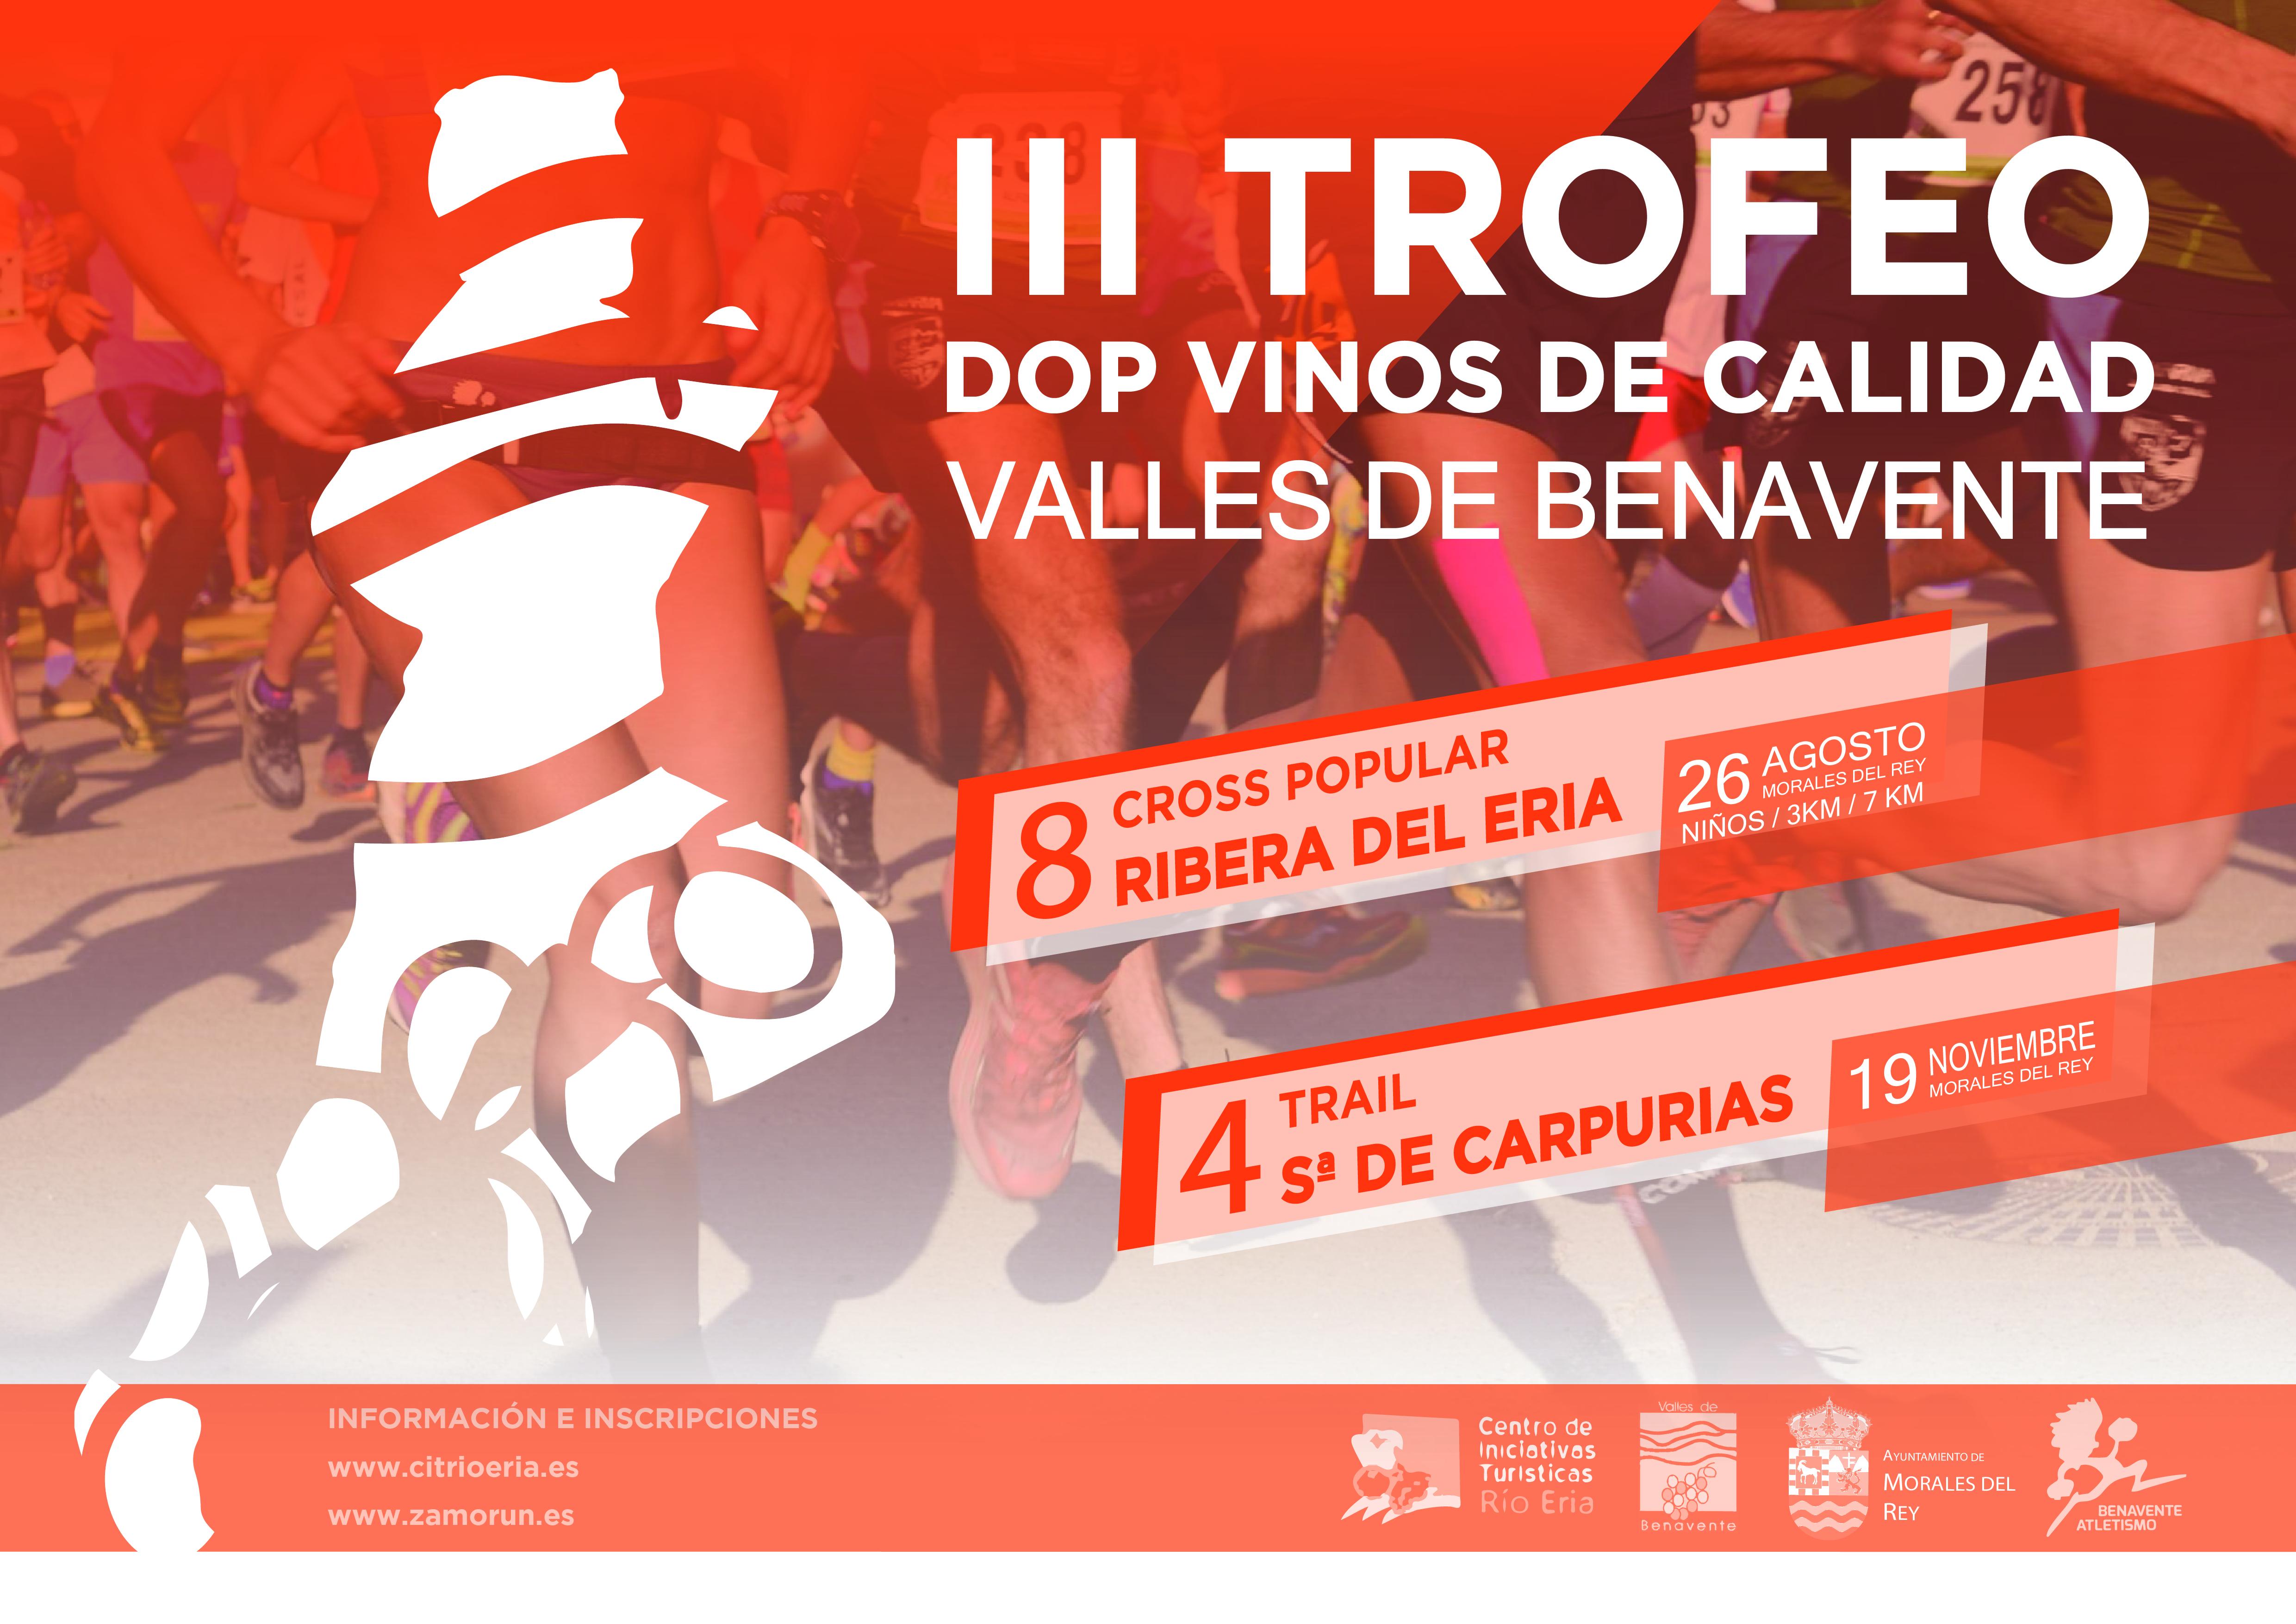 III Trofeo DOP Vinos de Calidad Valles de Benavente